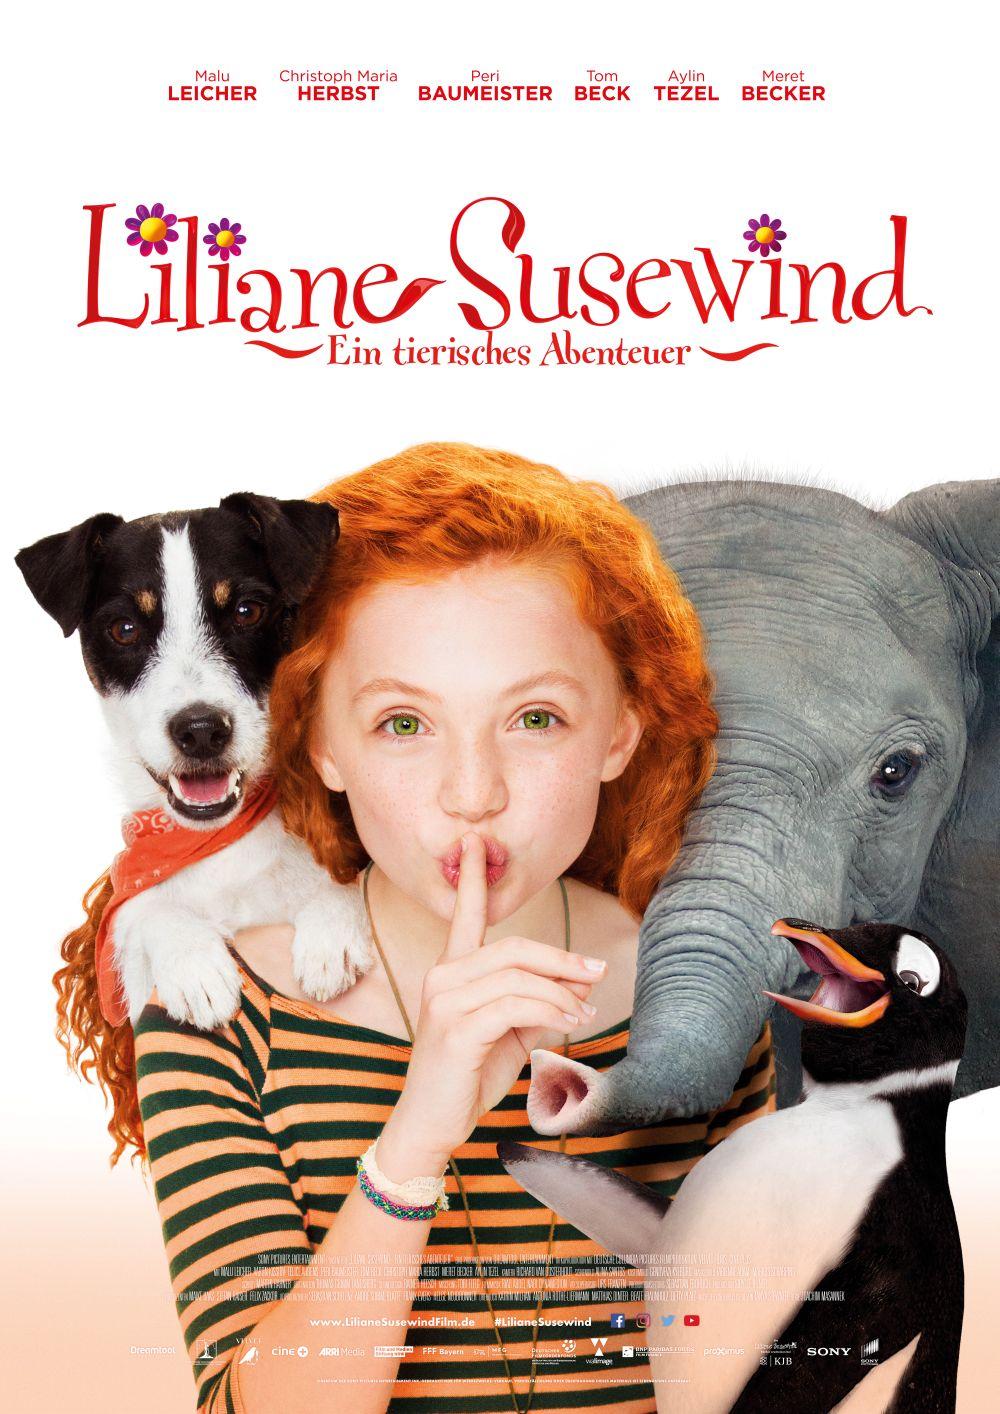 Liliane Susewind- Ein tiereisches Abenteuer - Kinofilm - Verlosung auf kleinSTYLE.com Hauptplakat